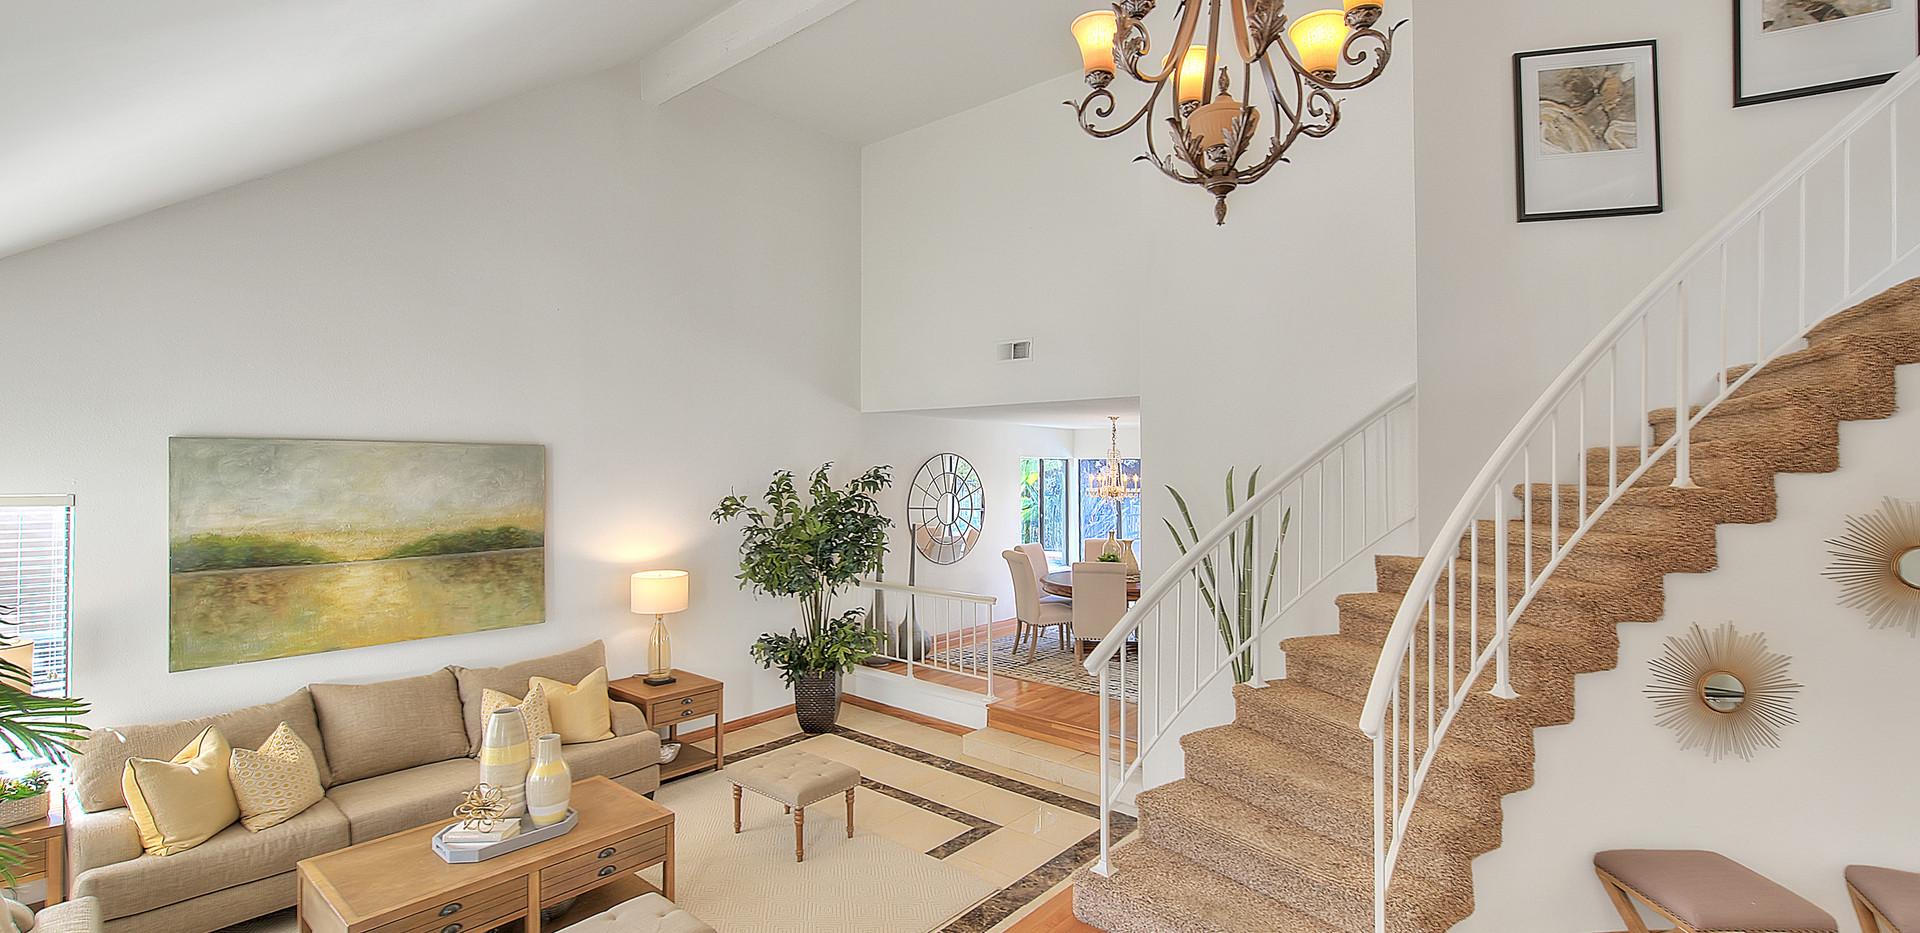 Living Room (7 of 7).jpg